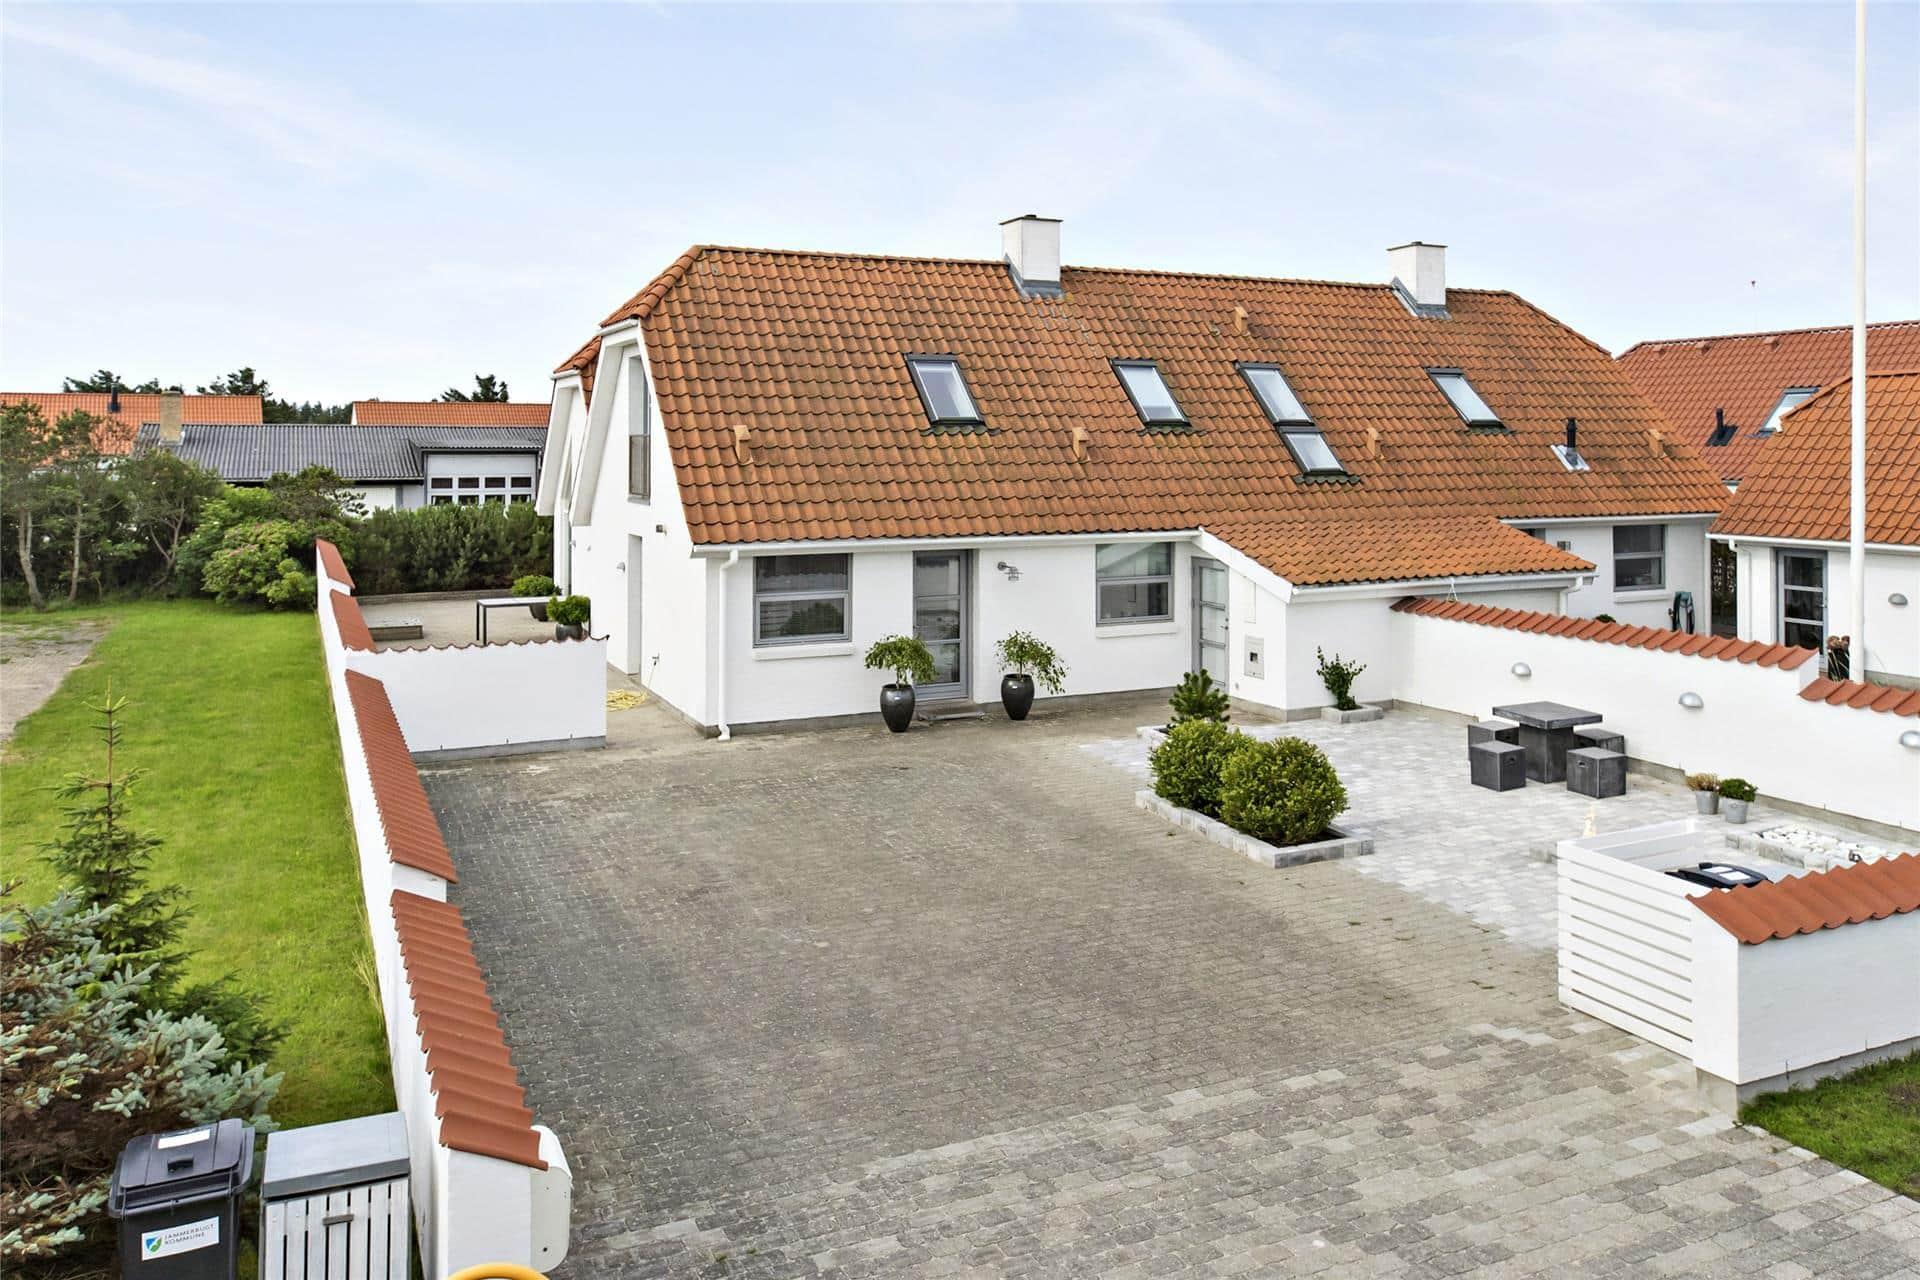 Image 1-14 Holiday-home 118, Sønder I By 32, DK - 9492 Blokhus